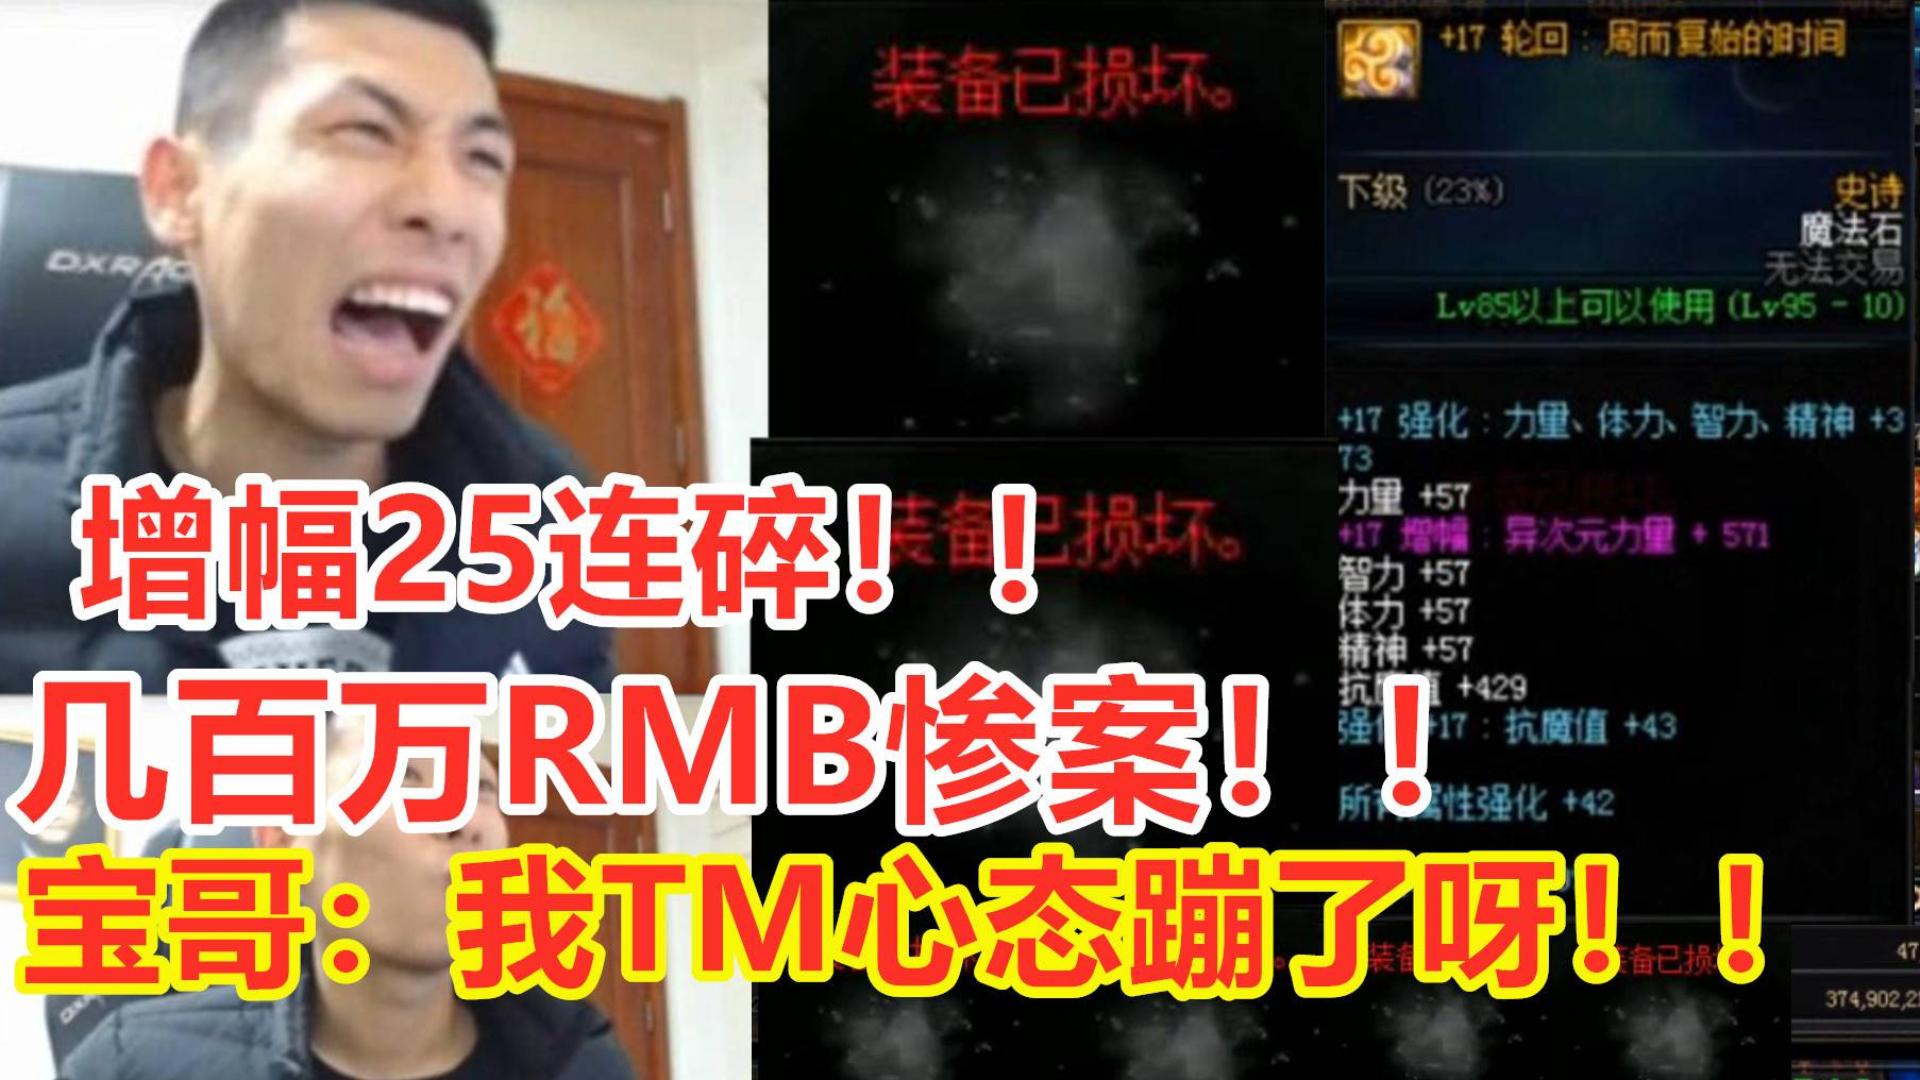 几百万RMB惨案!宝哥增幅装备25连碎!宝哥:我TM心态崩了呀!